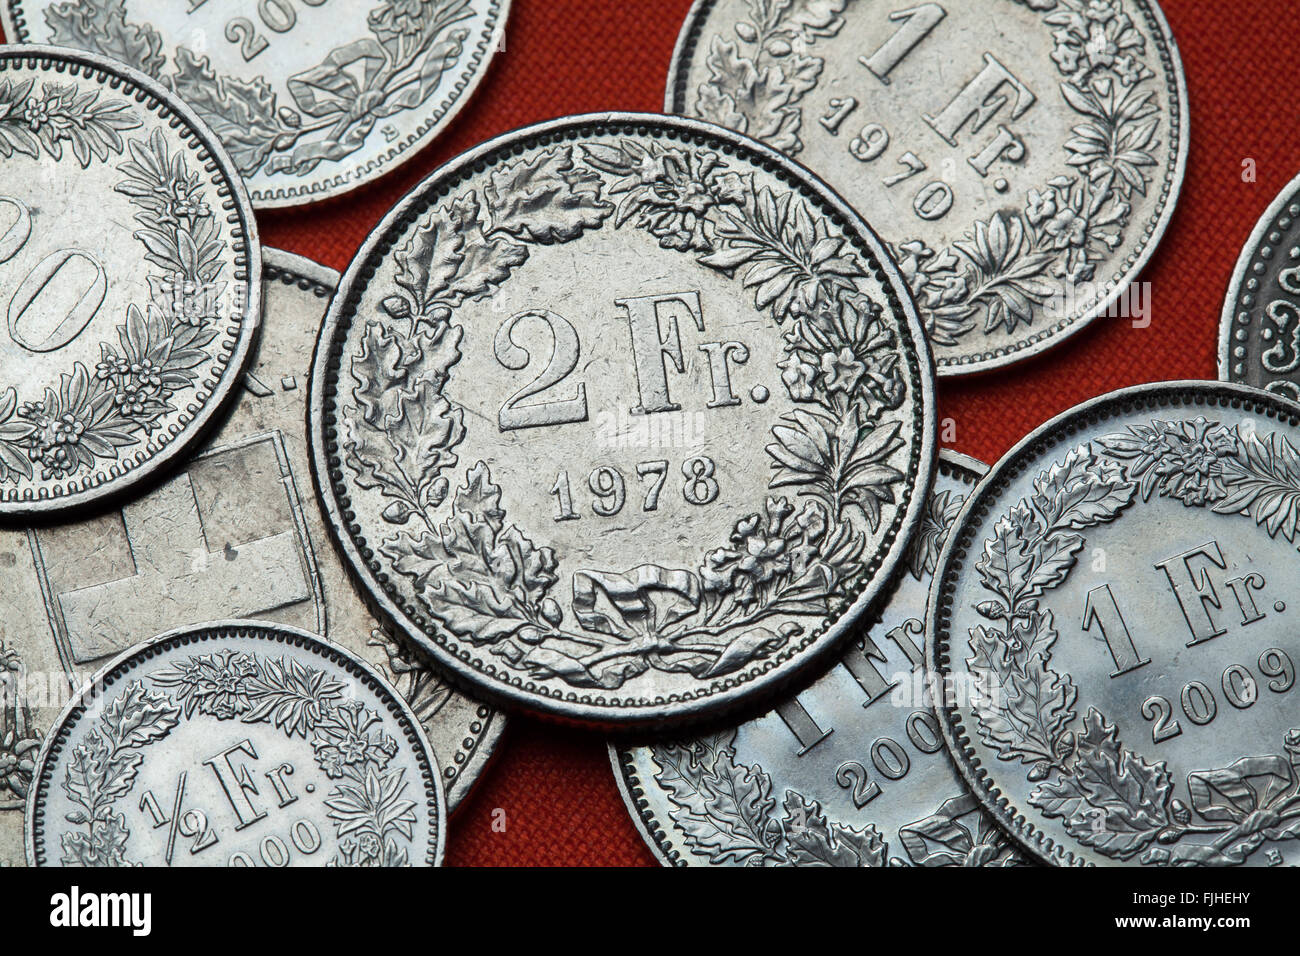 Schweiz Münze Münzen Währung Stockfotos Schweiz Münze Münzen